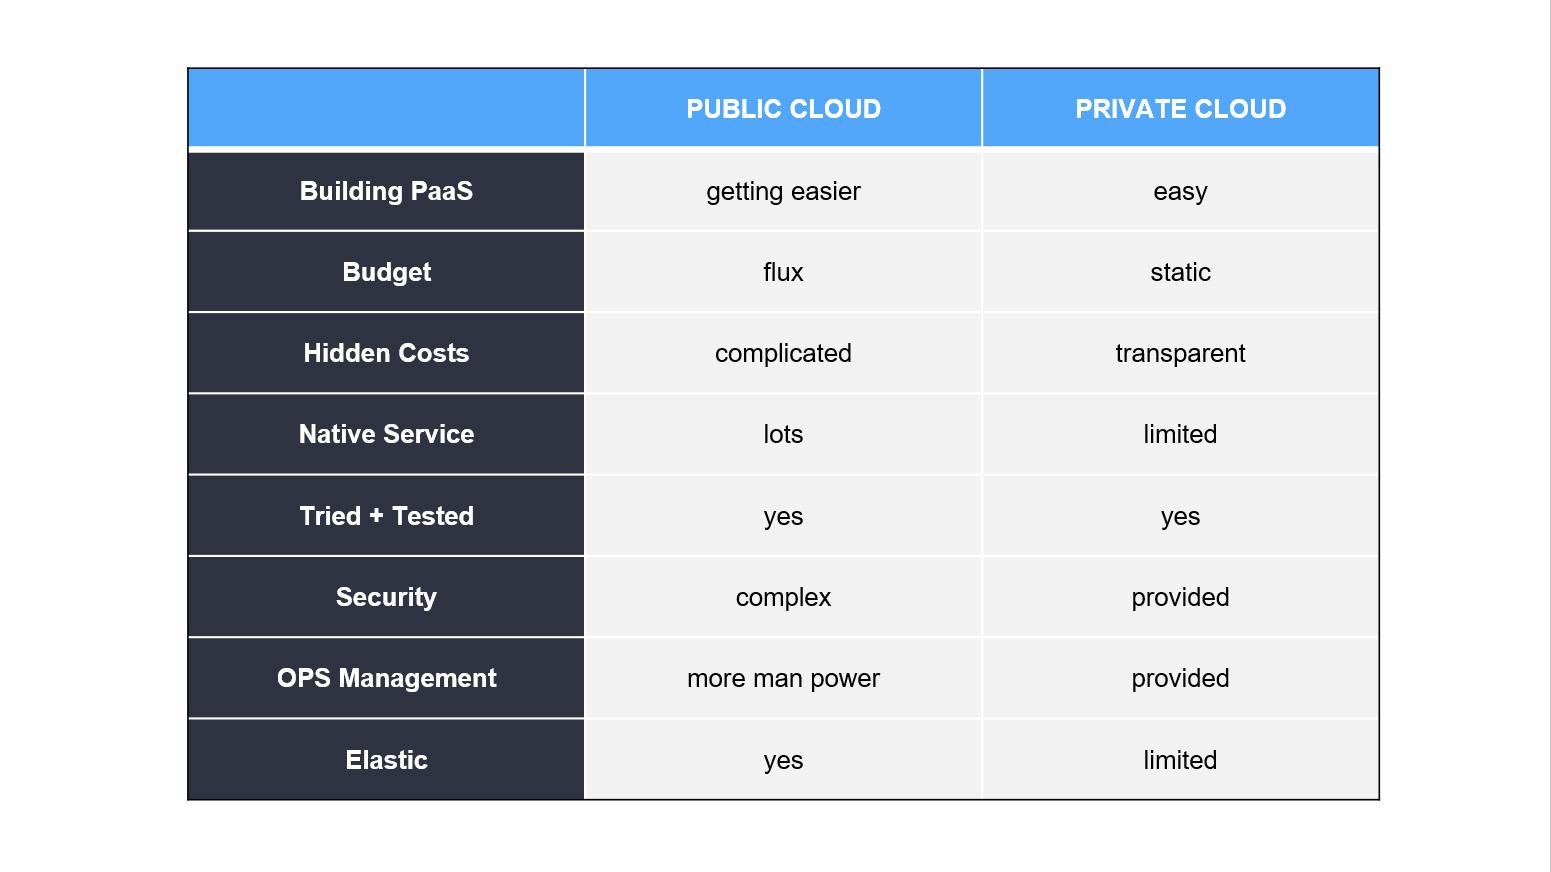 WMG cloud comparison